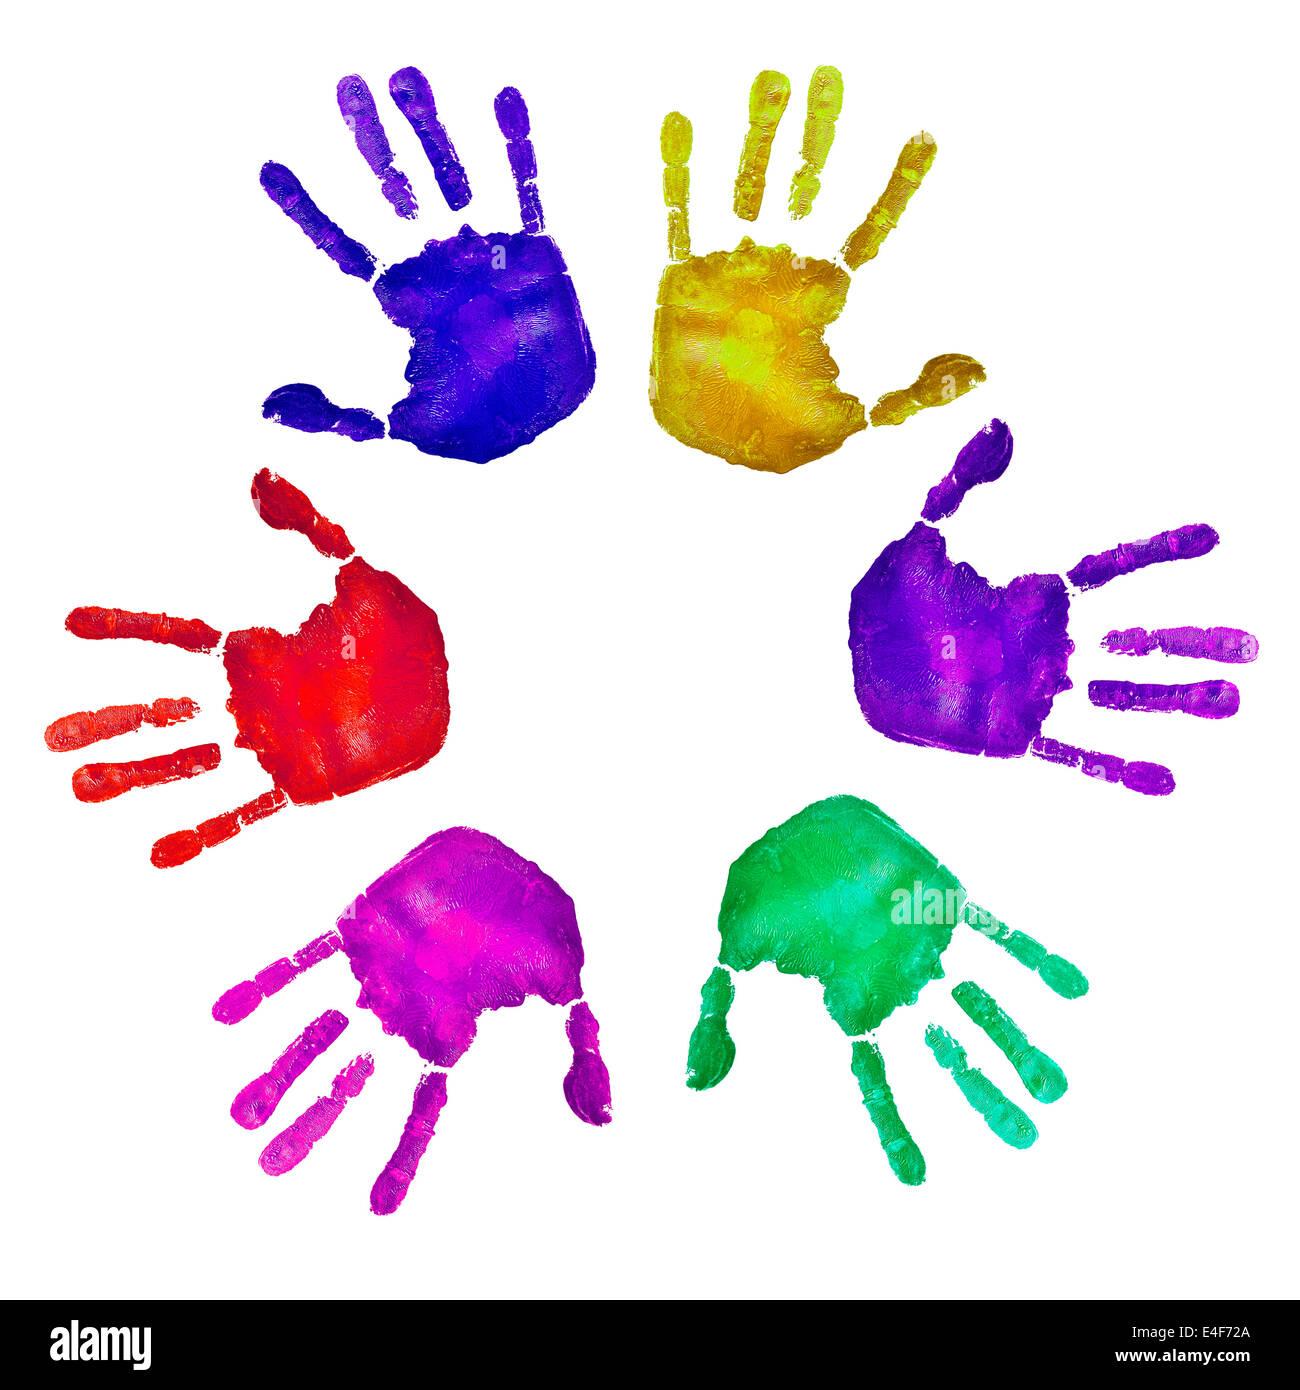 Ungewöhnlich Handabdruck Färbung Seite Ideen - Malvorlagen-Ideen ...